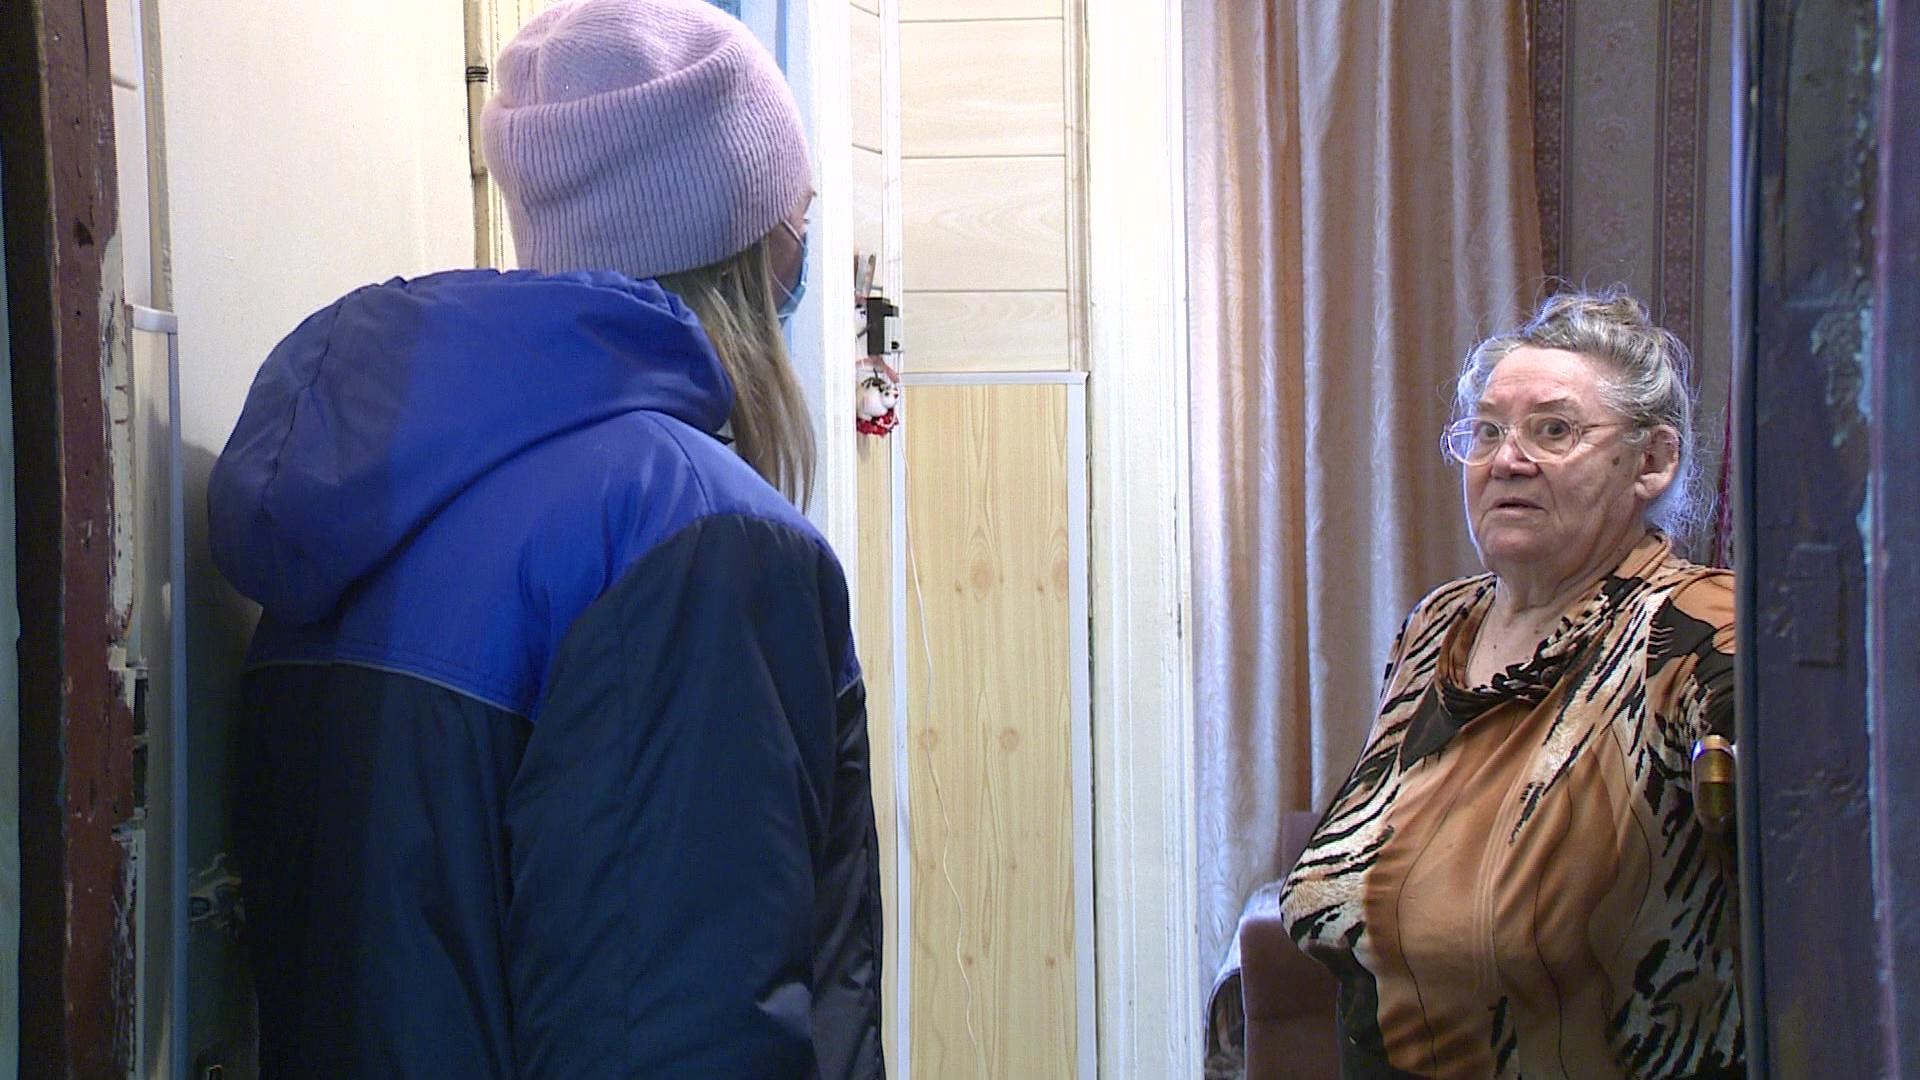 Волонтеры и соцработники помогают пенсионерам, ушедшим на самоизоляцию из-за коронавируса